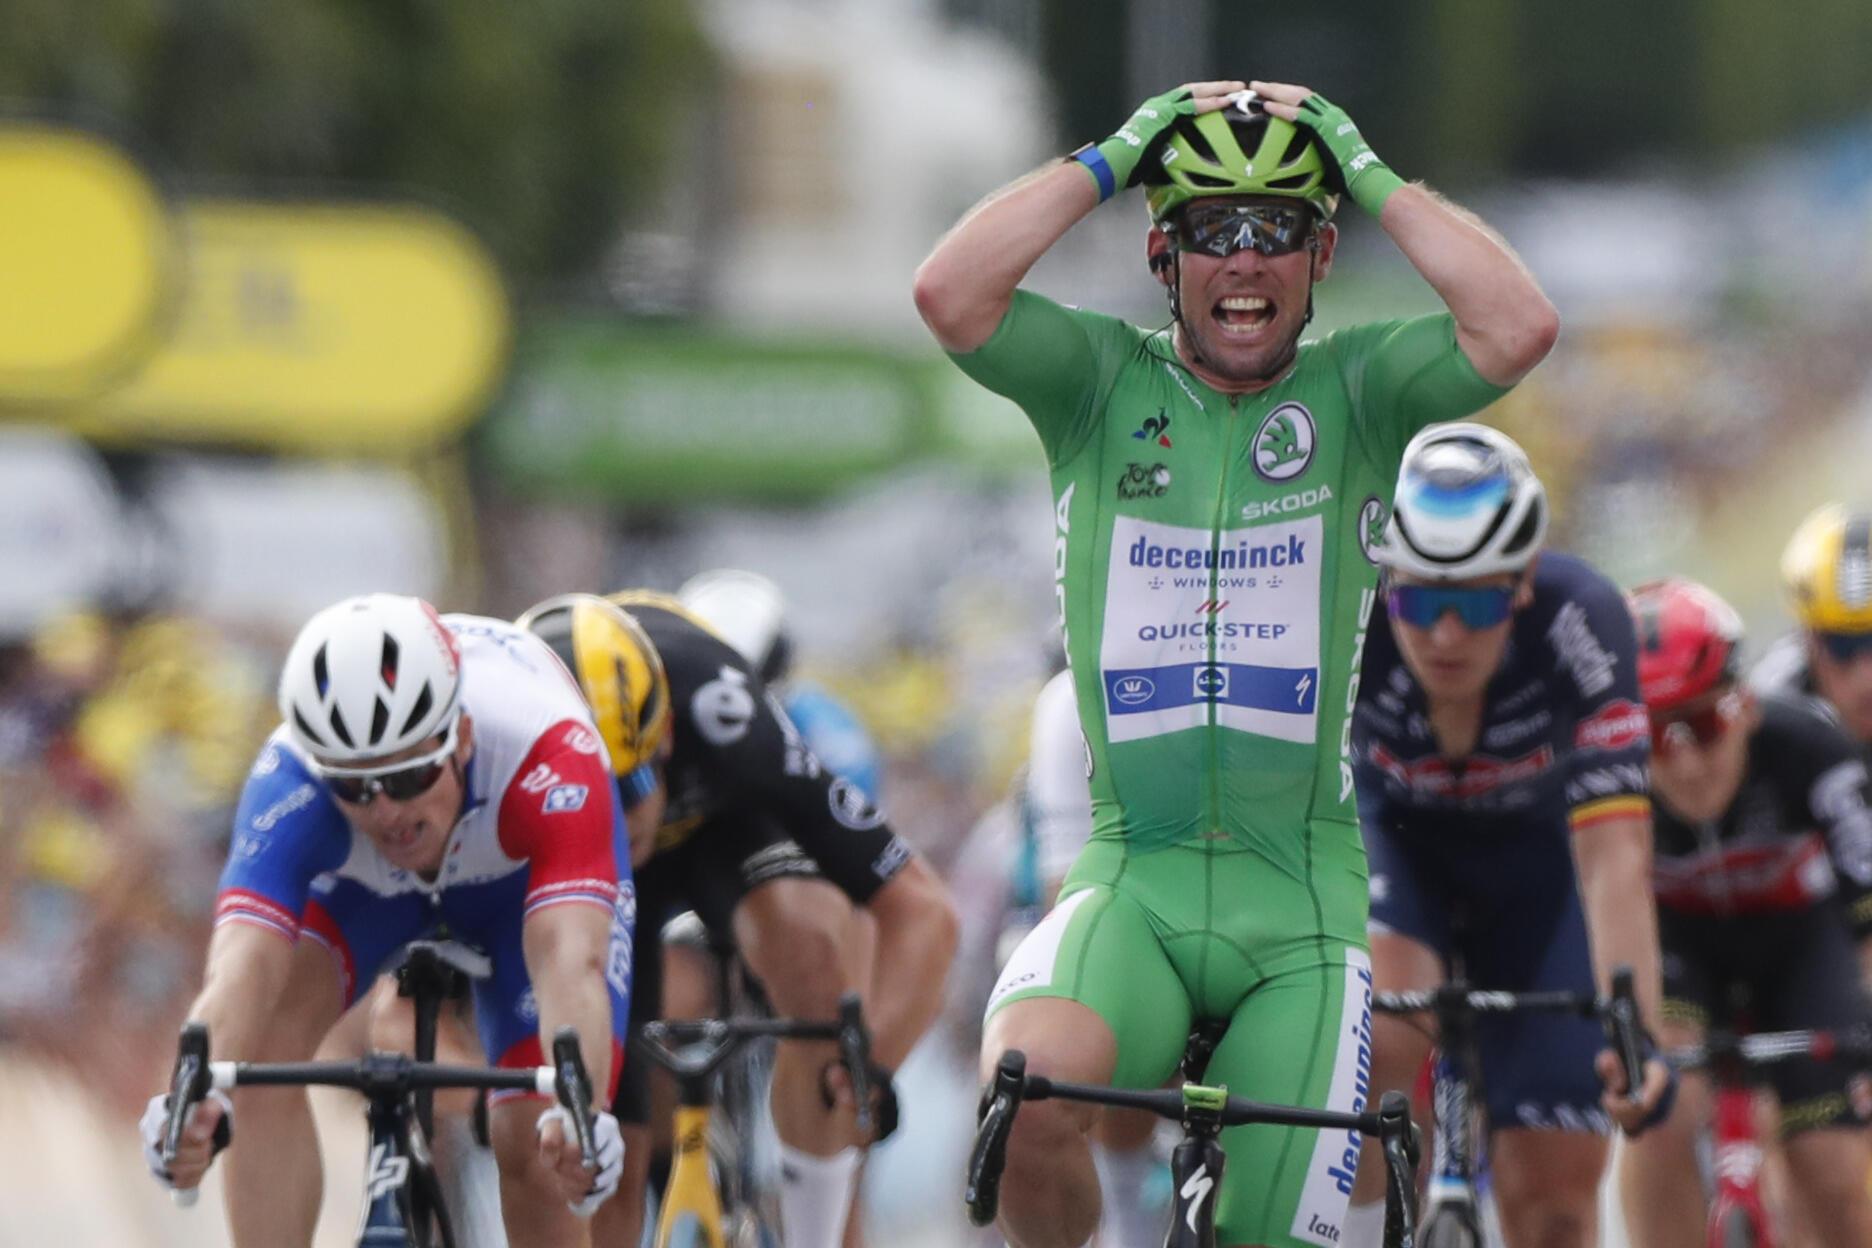 La joie du Britannique Mark Cavendish, vainqueur au sprint de la 6e étape du Tour de France, disputée entre Tours et Châteauroux, le 1er juillet 2021